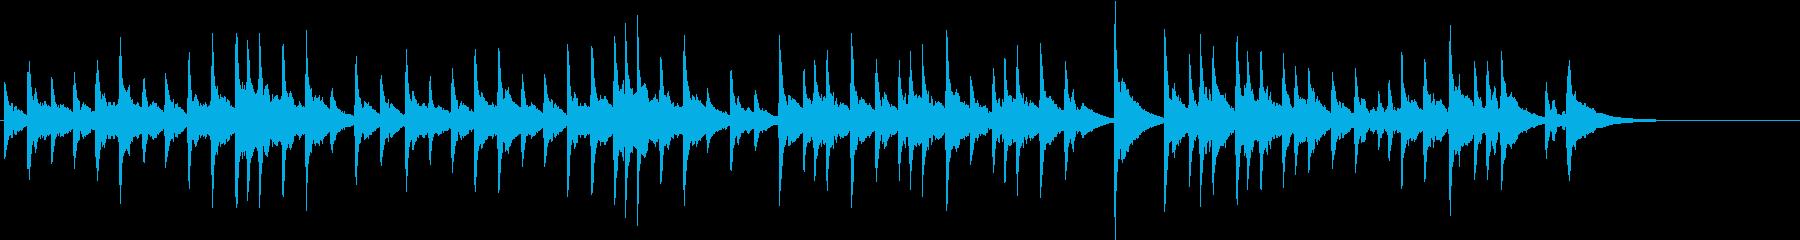 ブラームス交響曲第1番4楽章 オルゴールの再生済みの波形